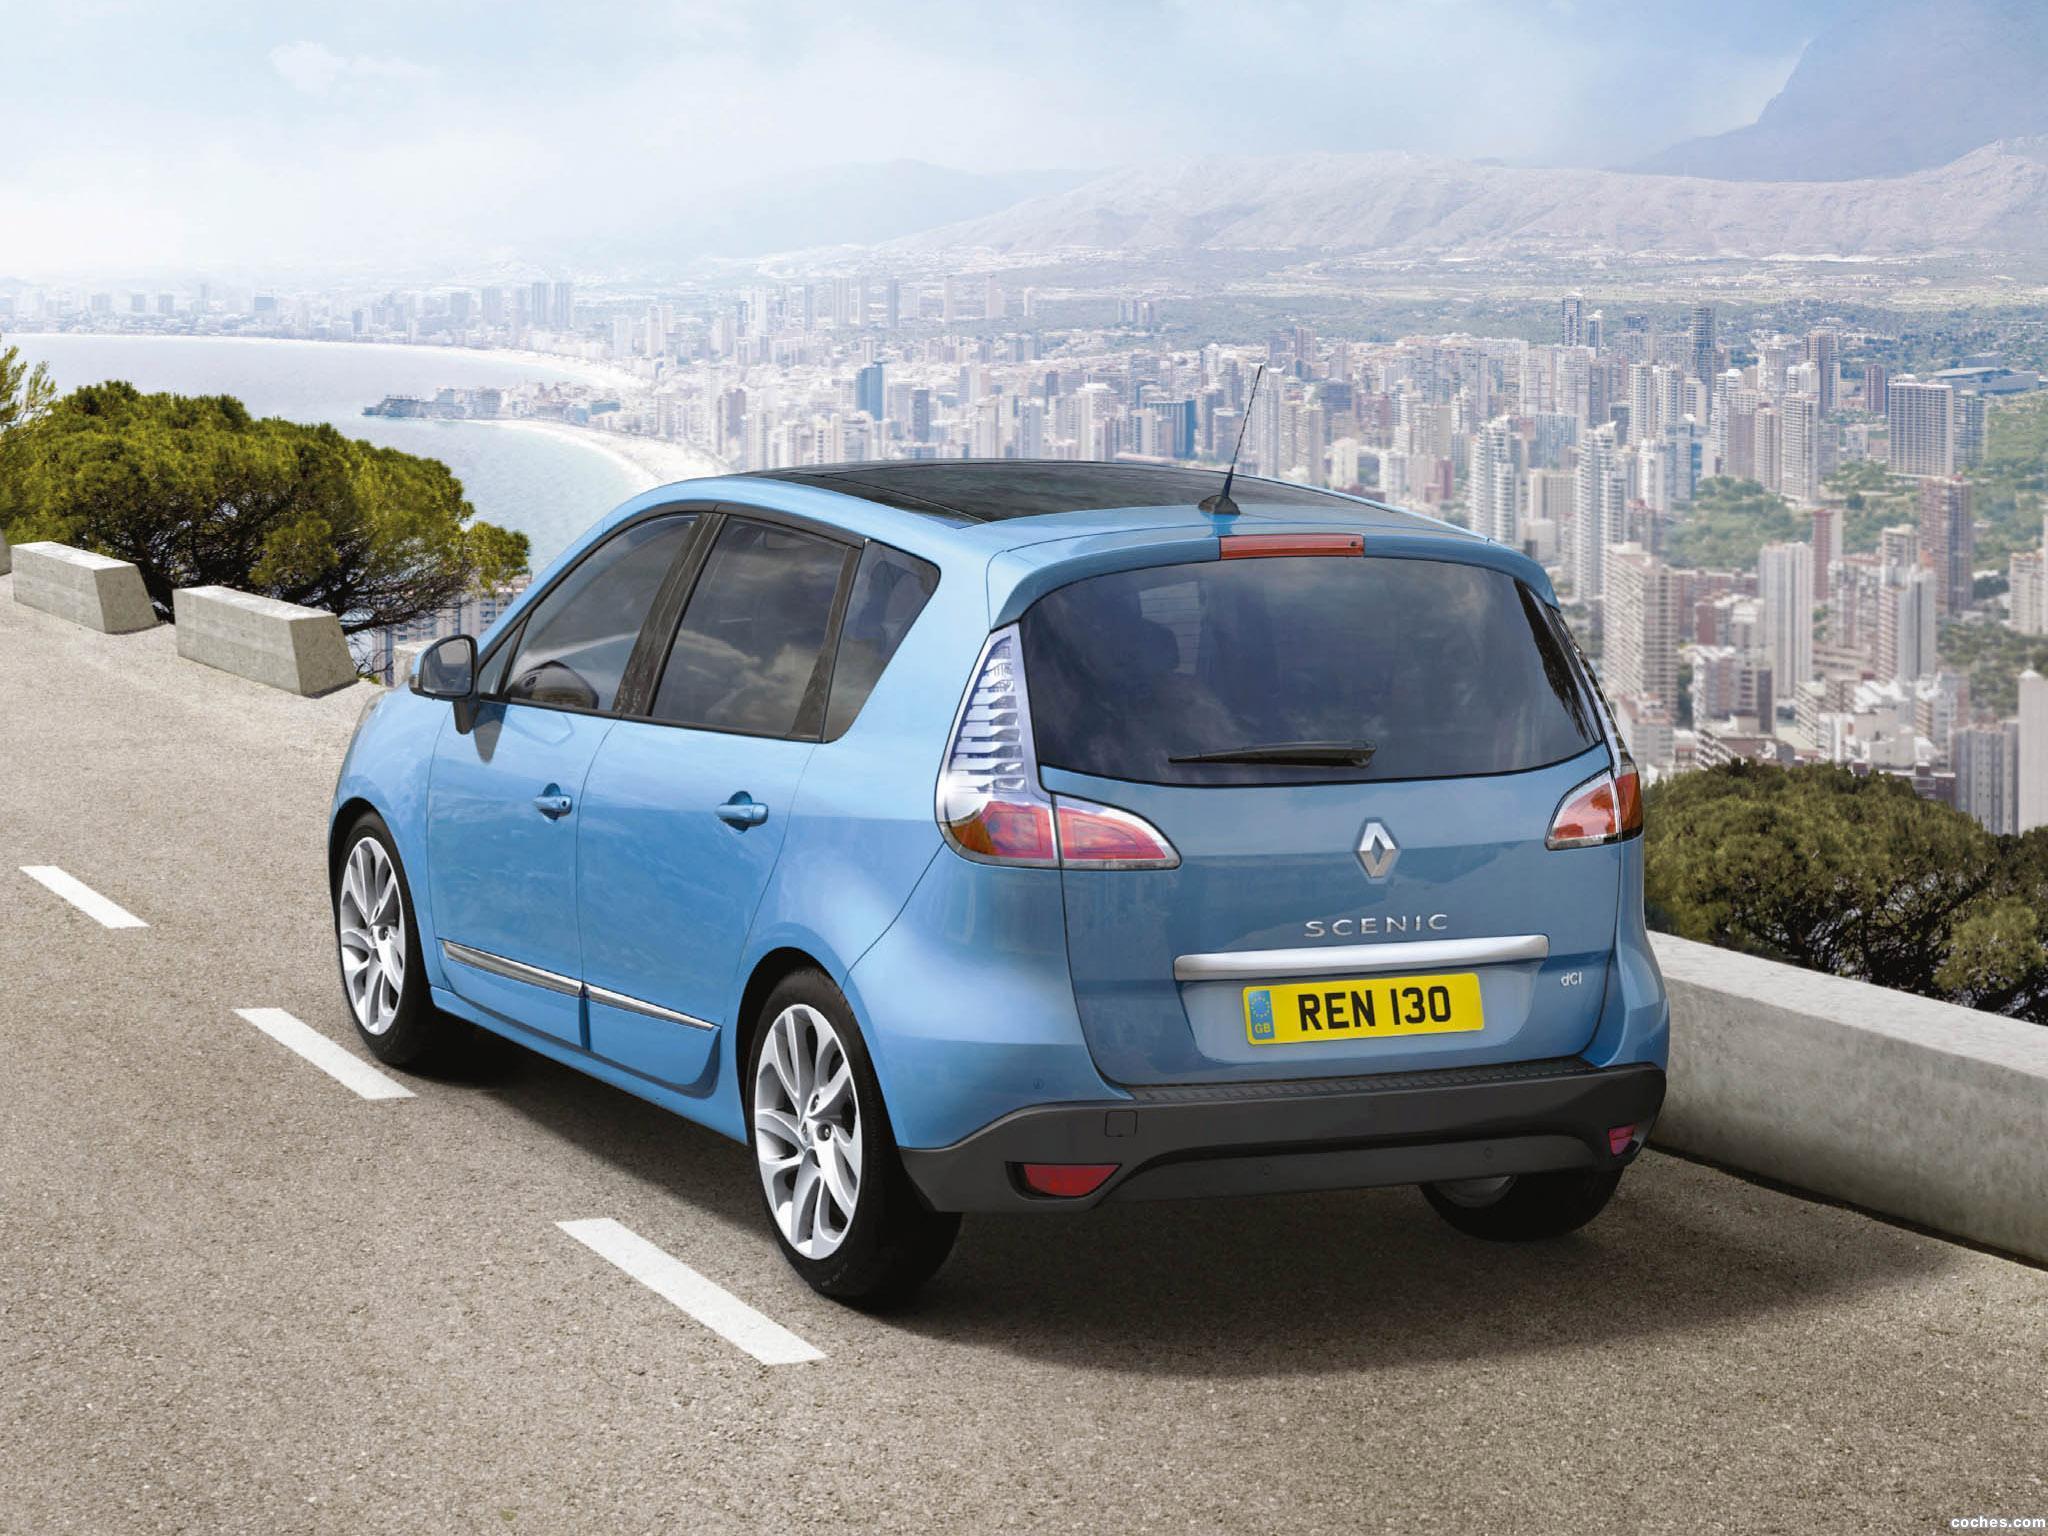 Foto 1 de Renault Scenic UK 2012